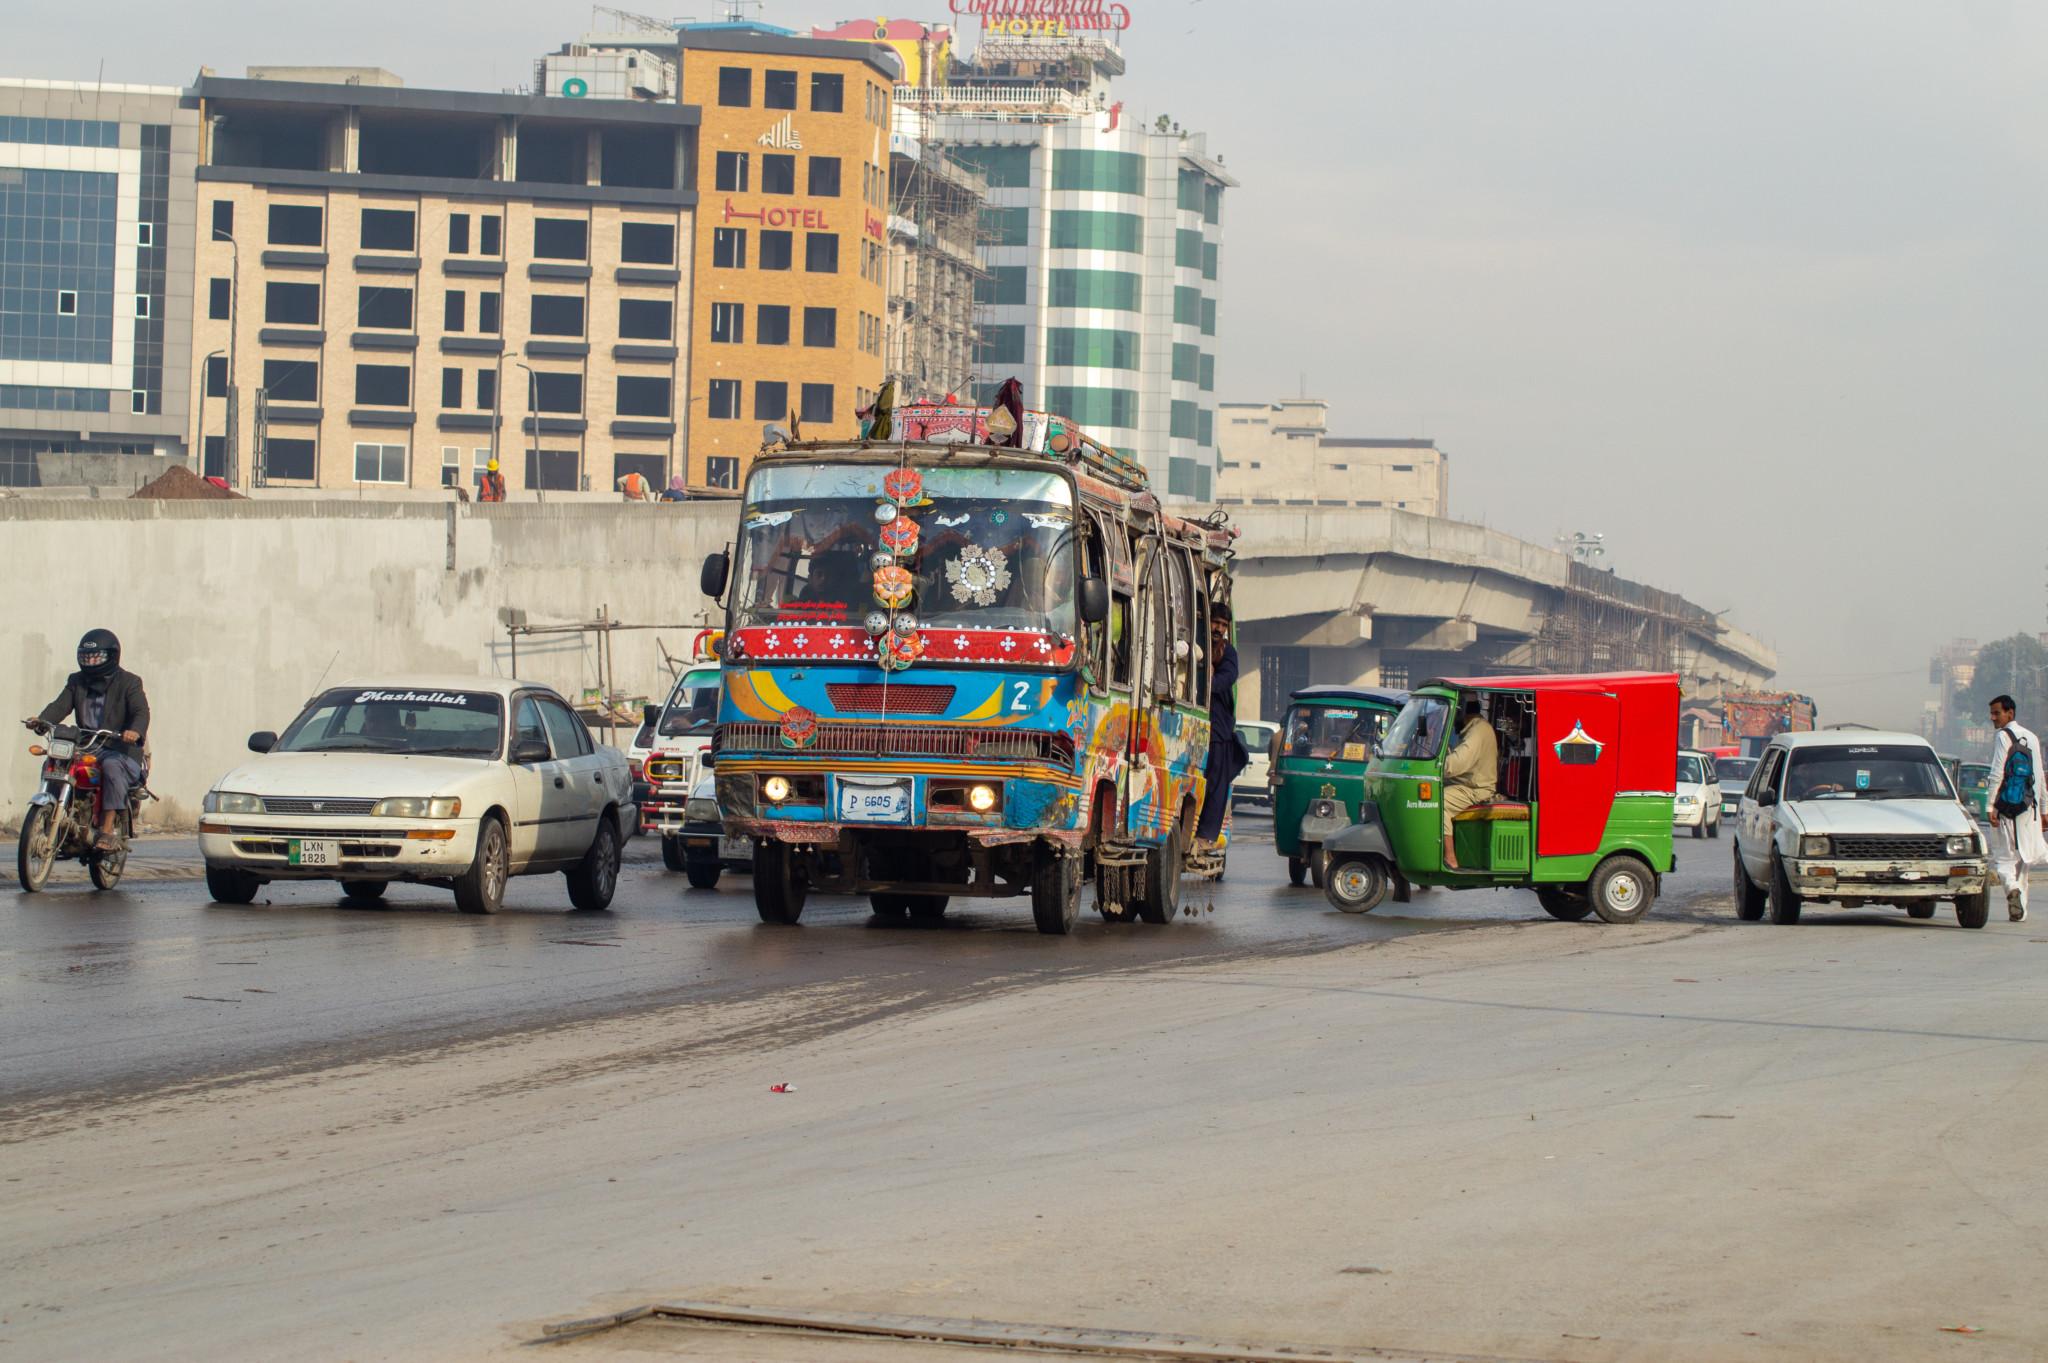 Busse fahren auch in den Städten von Pakistan